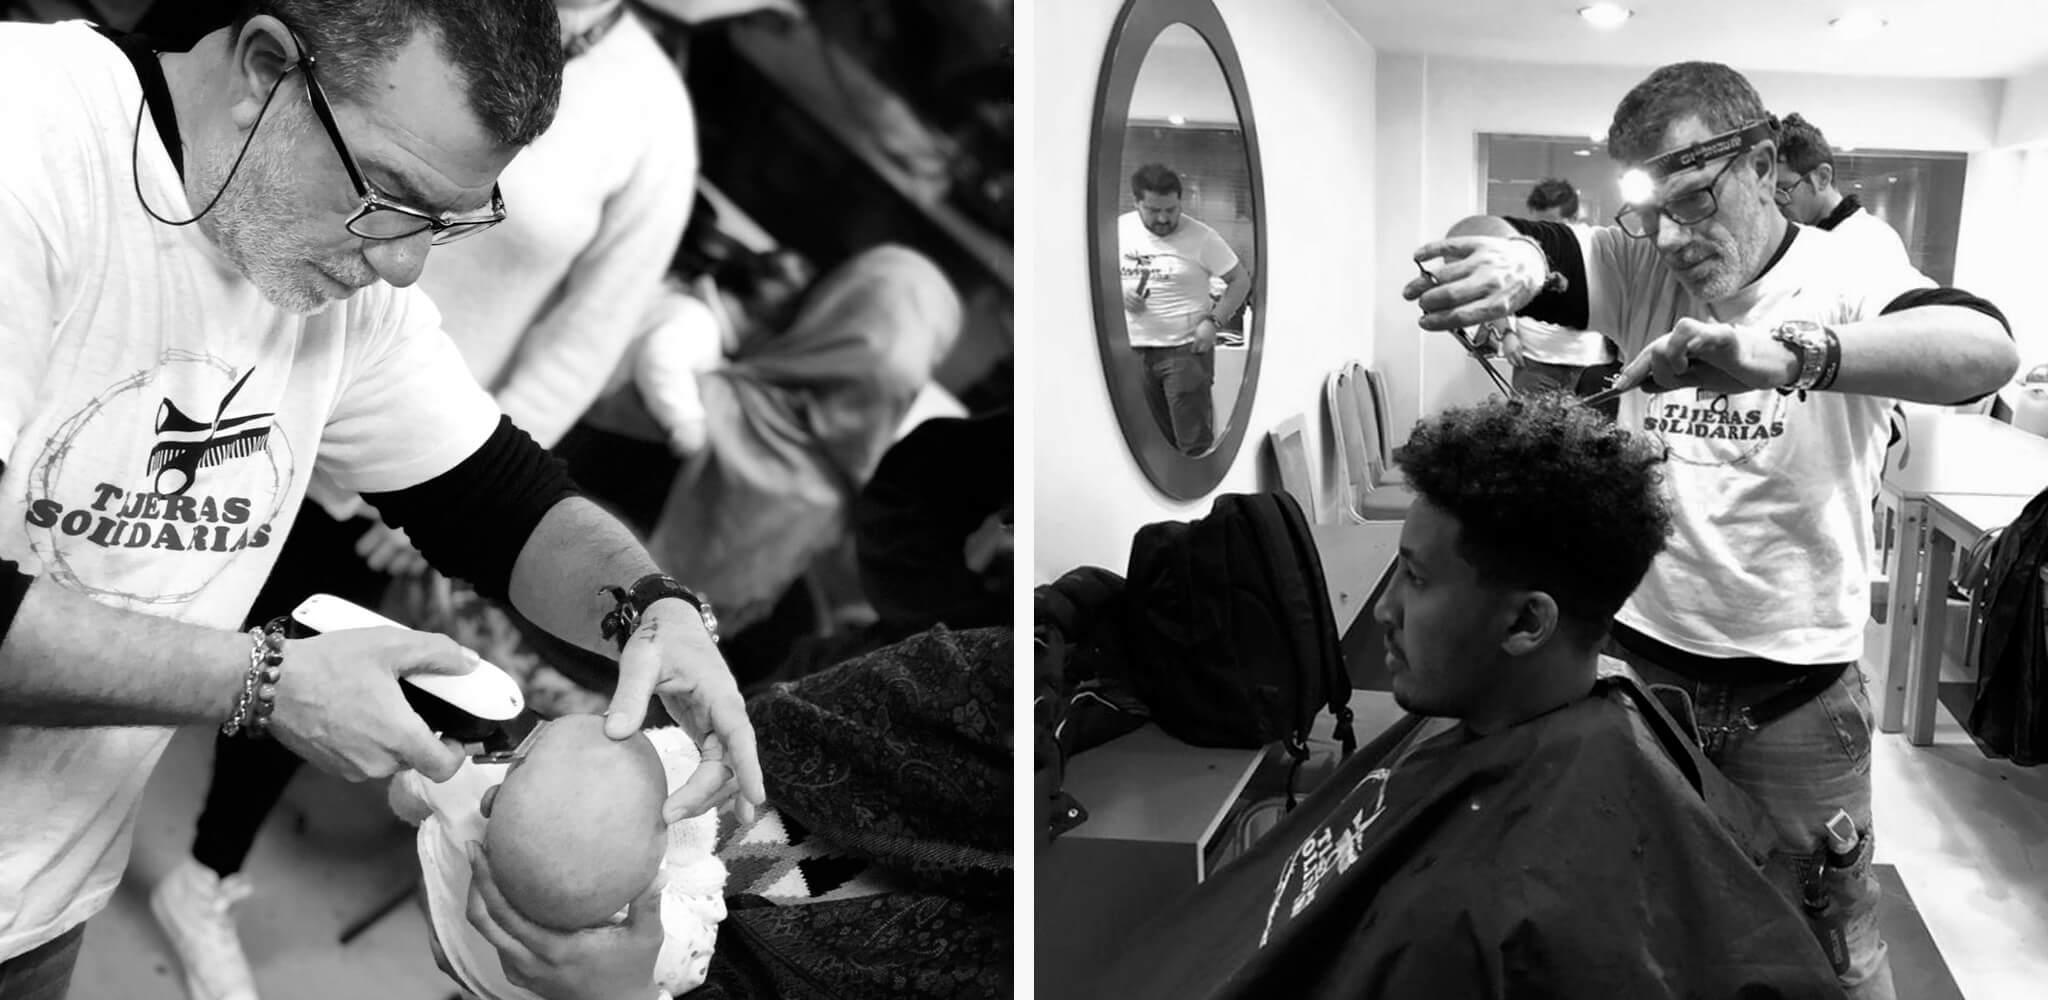 Proyectos Solidarios Saul & Co peluquería